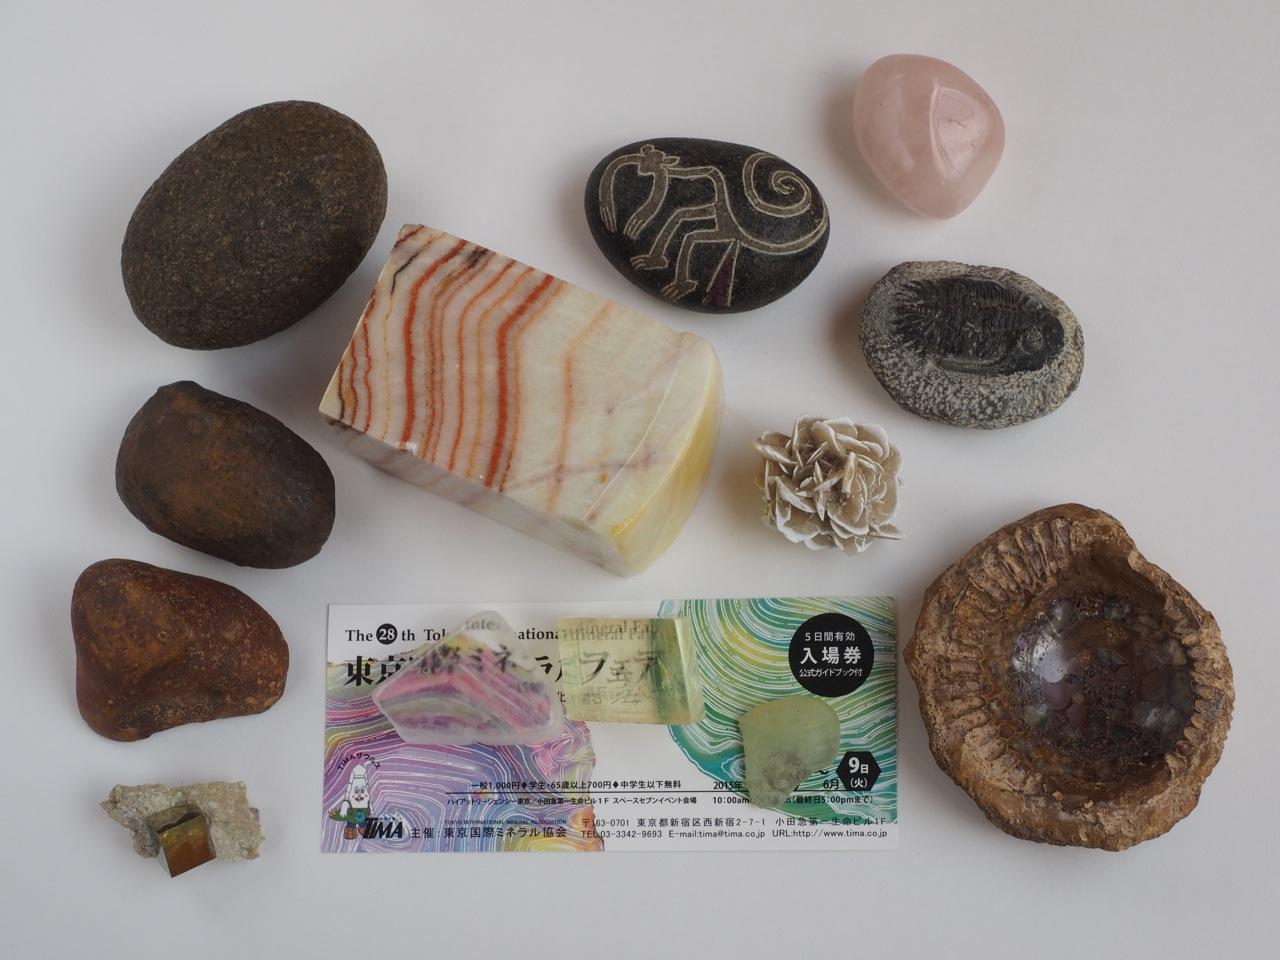 知的好奇心を刺激する鉱物界の不思議「奇石」